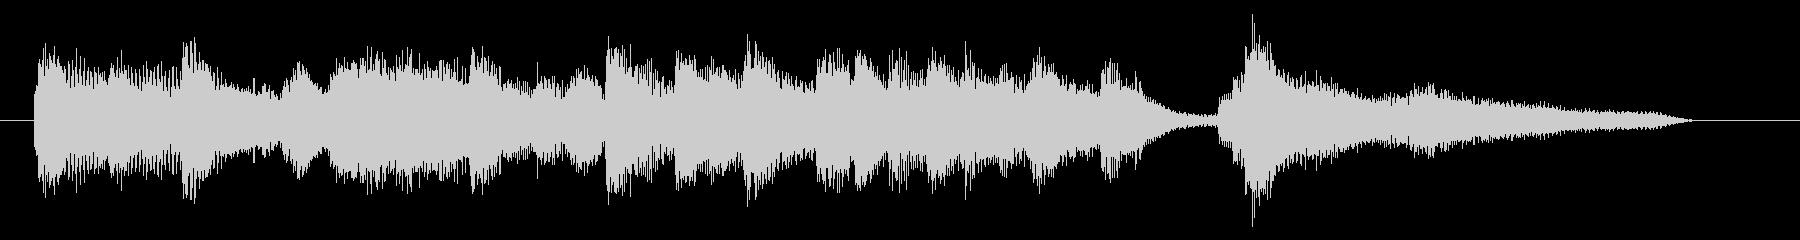 ジングル ピアノソロ さわやかバラードの未再生の波形